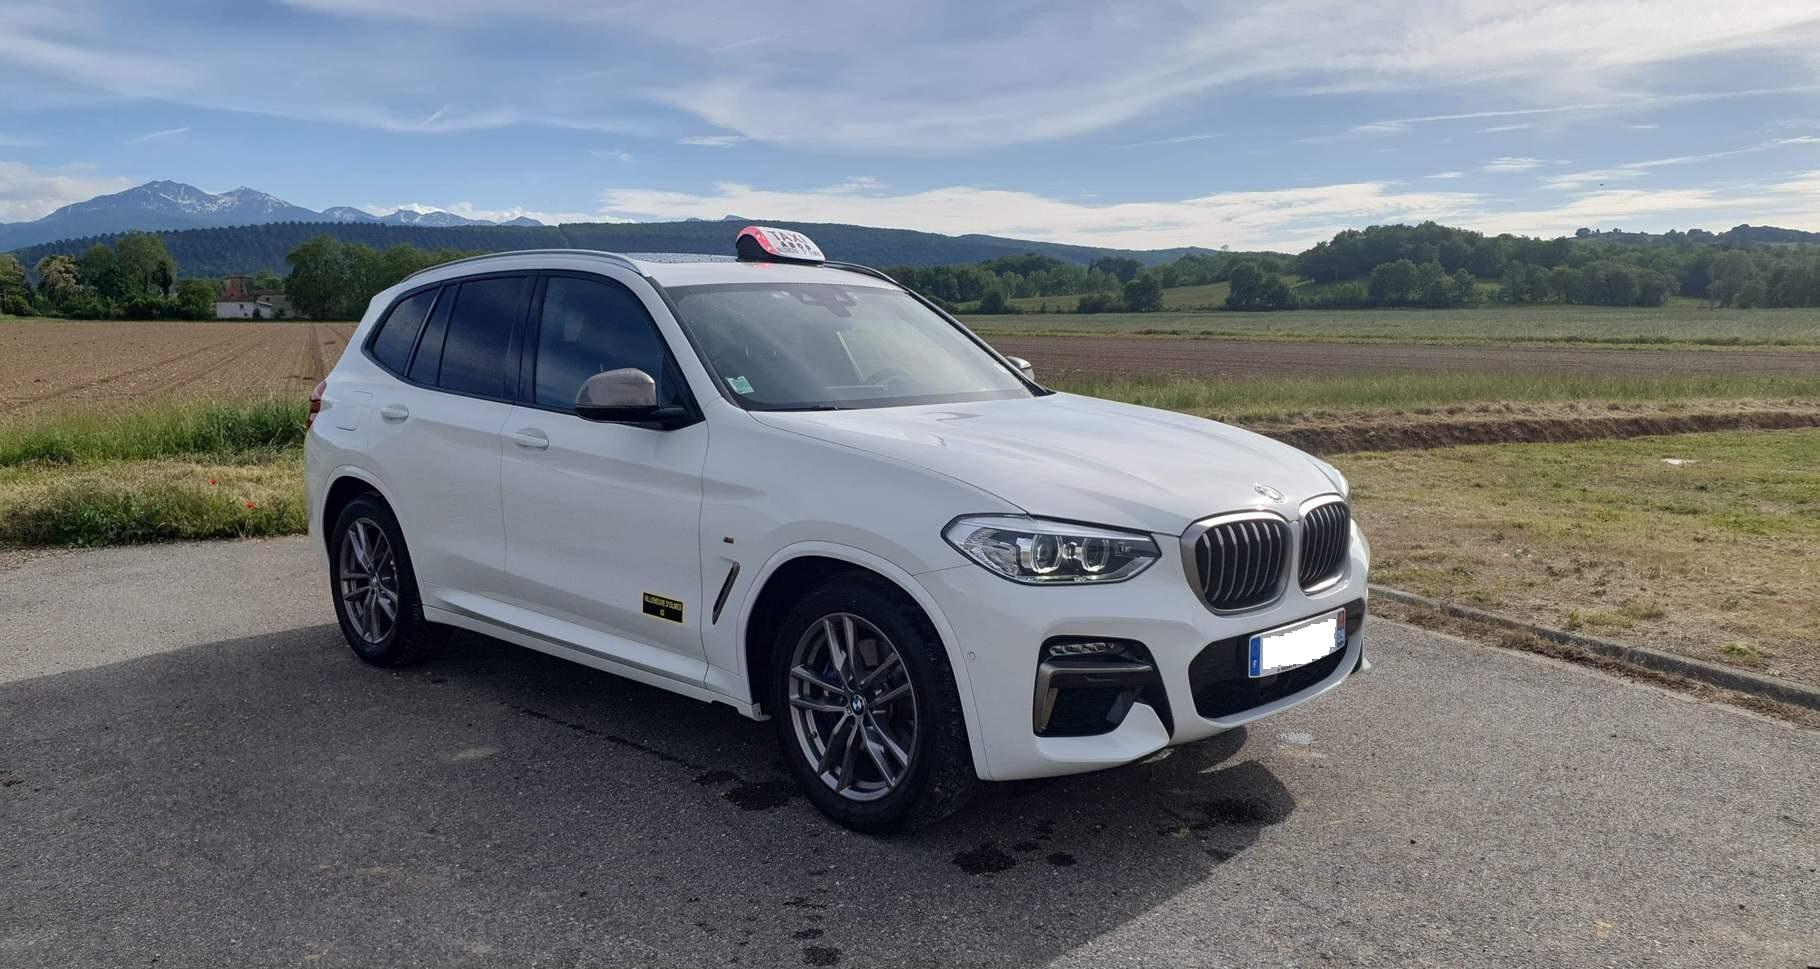 Nouveau taxi : BMW X3 SUV Compact tout option M Performance suspensions pilotées et climatisation arrière automatique pour un plus grand confort.